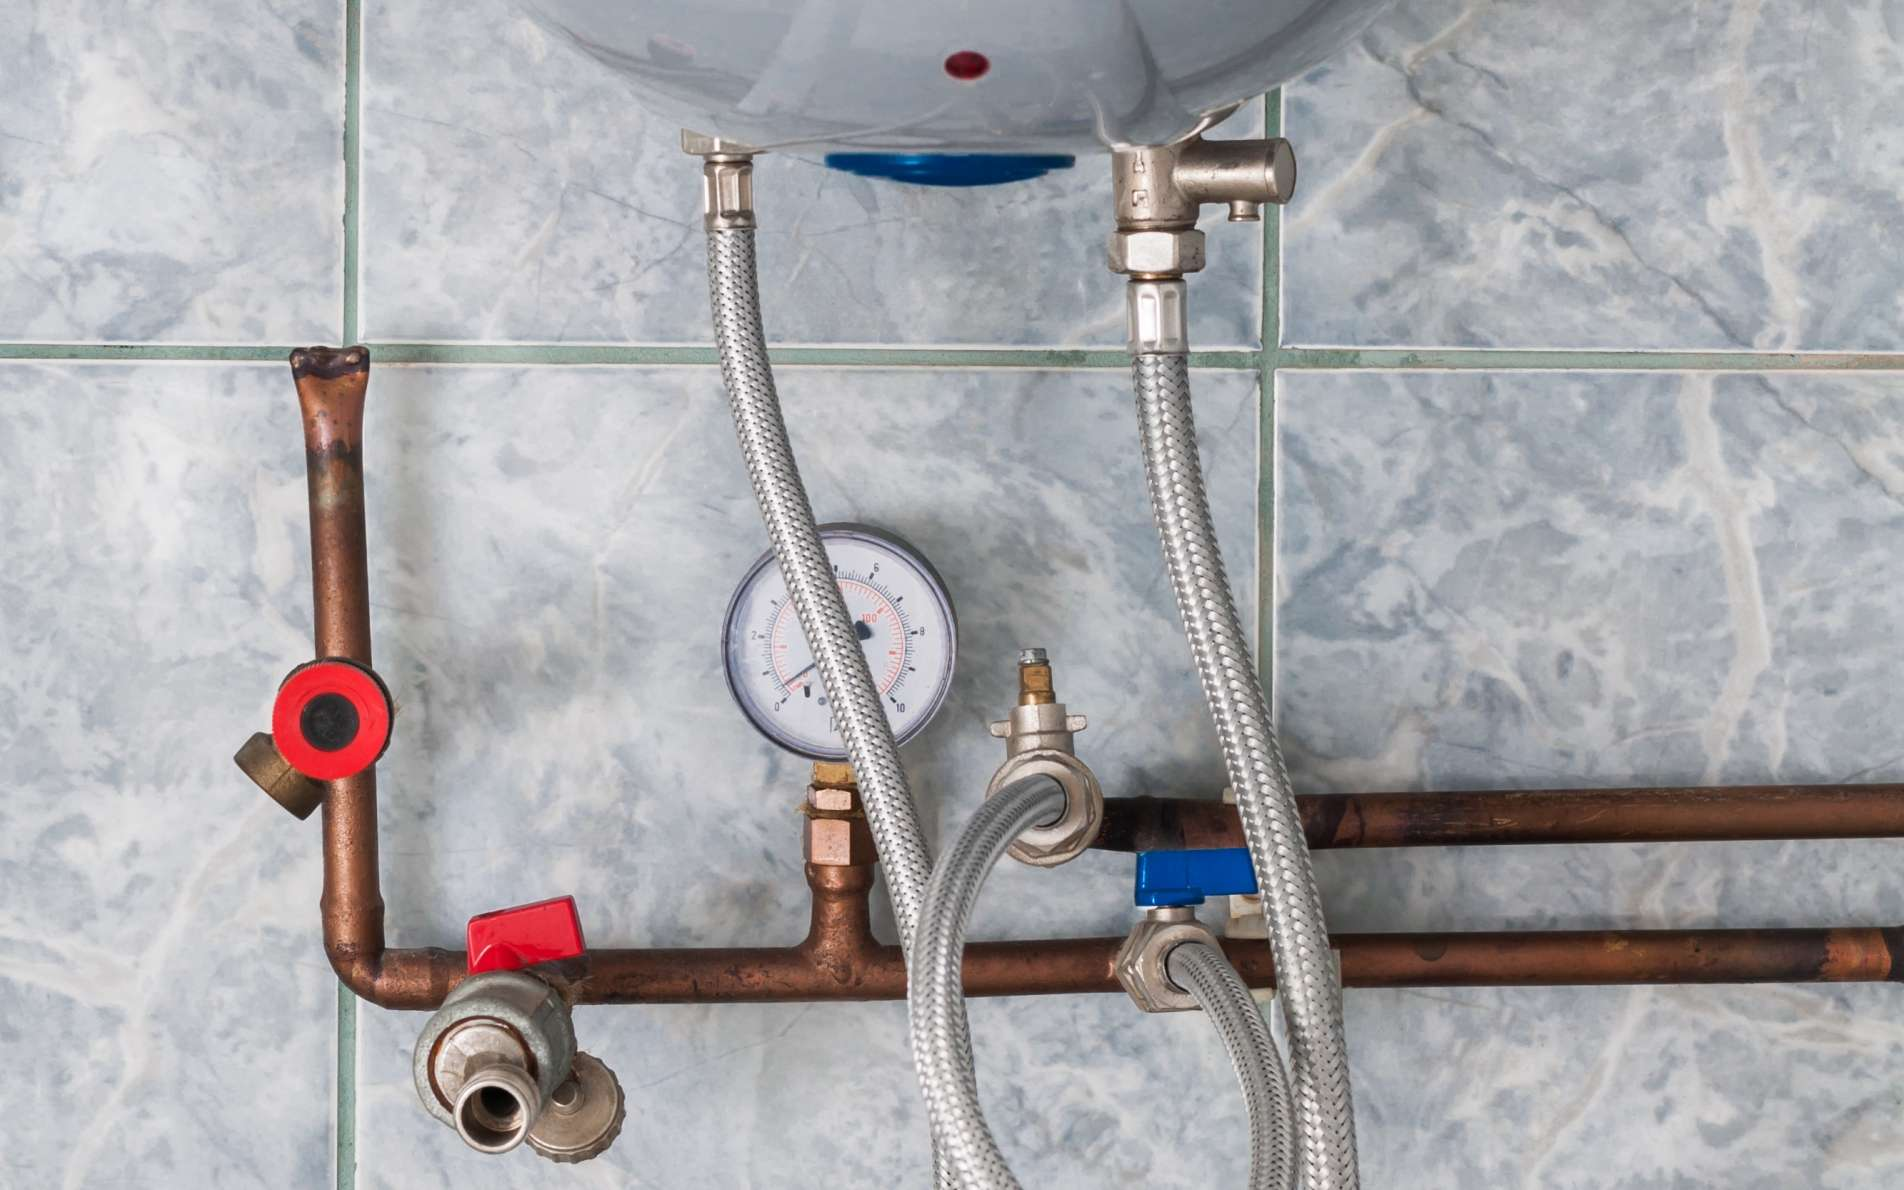 L'Europe veut réduire sa consommation d'énergie, ce qui passe par le chauffage et l'eau chaude des particuliers. © beccarra, Shutterstock.com